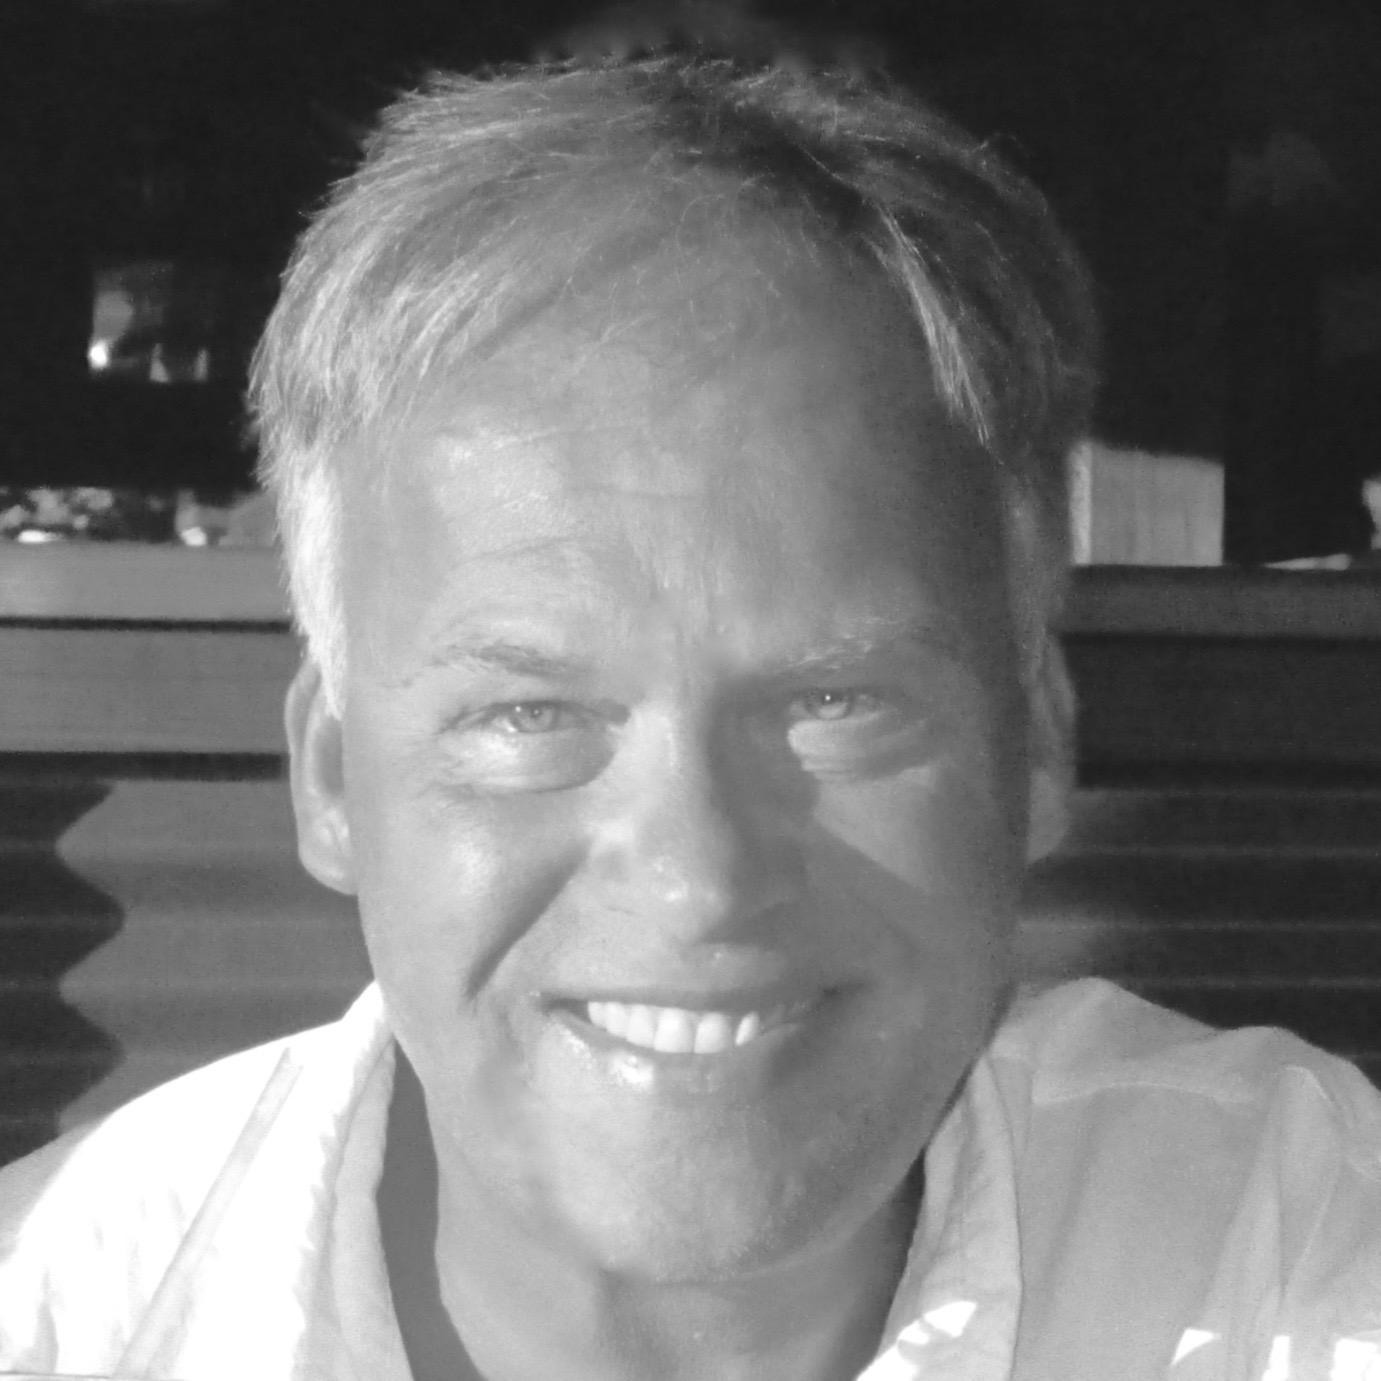 Keith Swiednicki